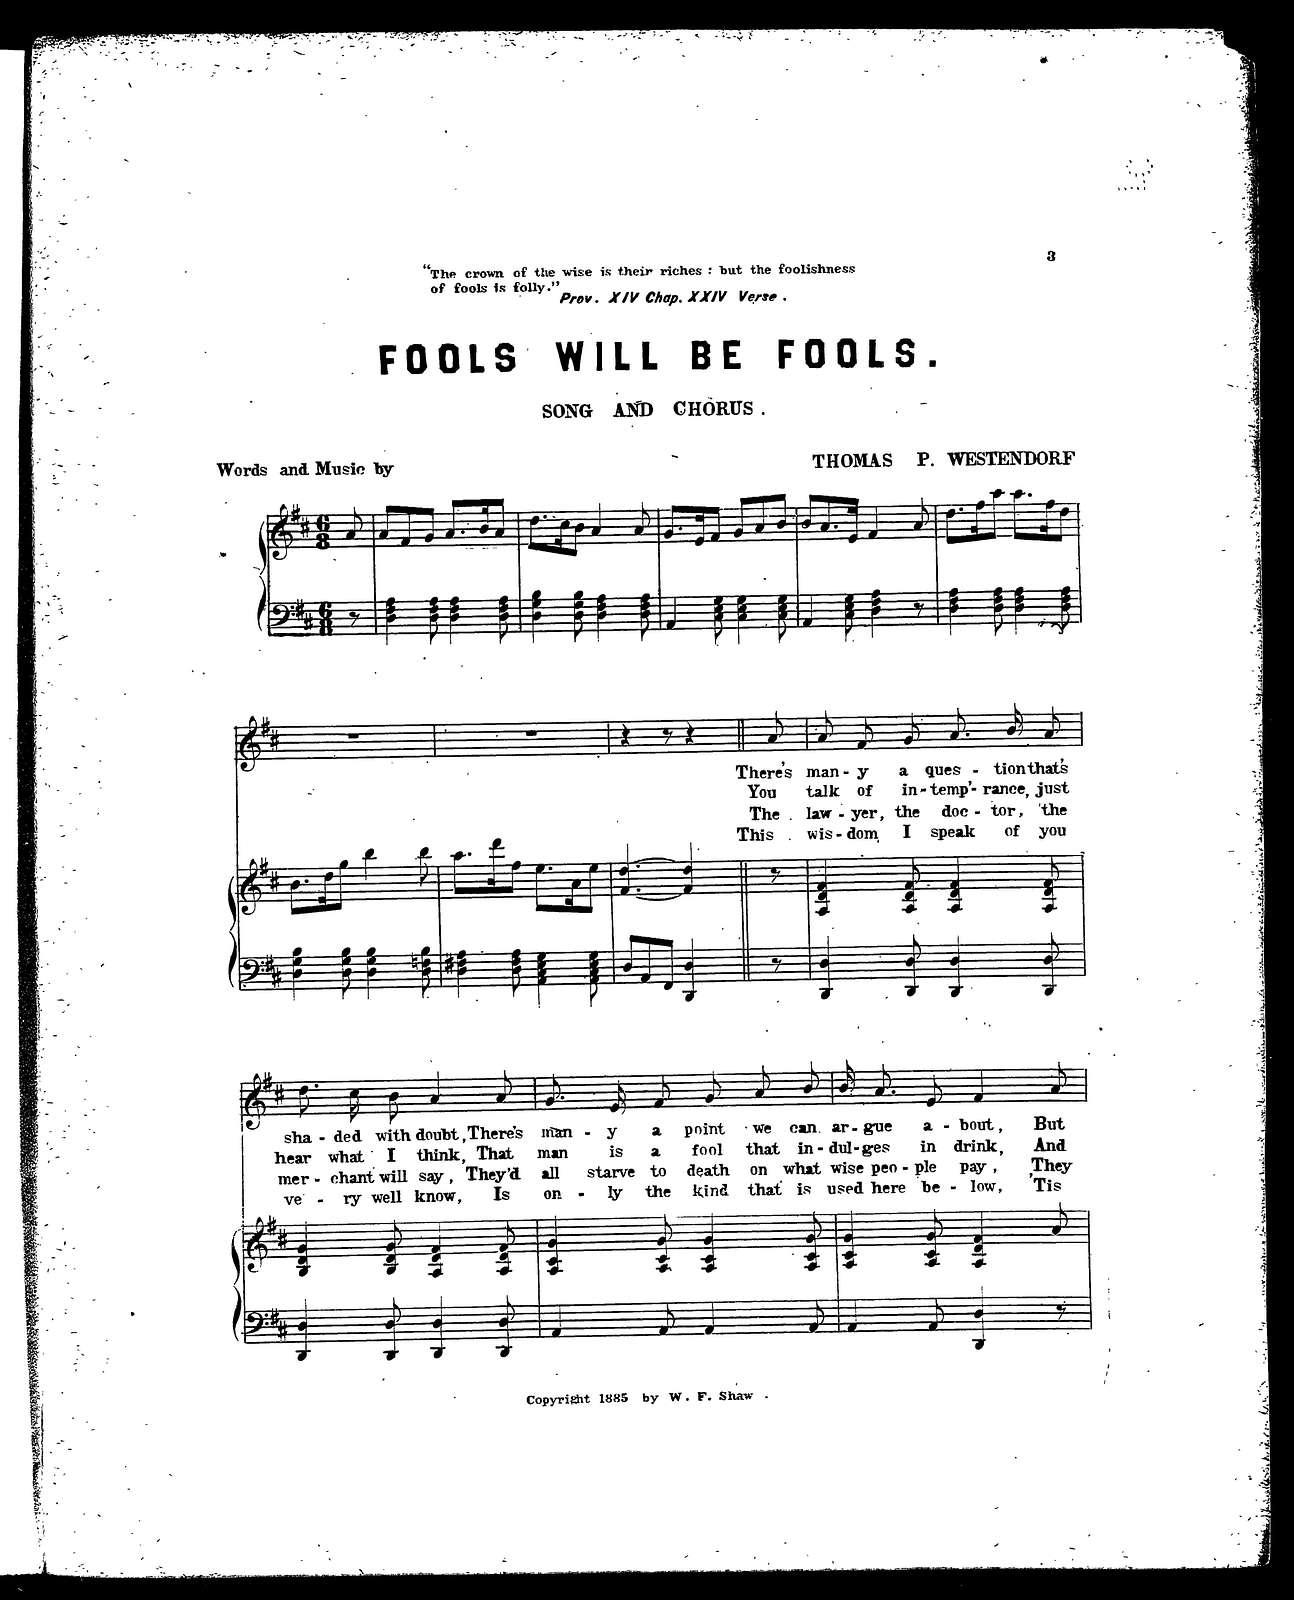 Fools will be fools